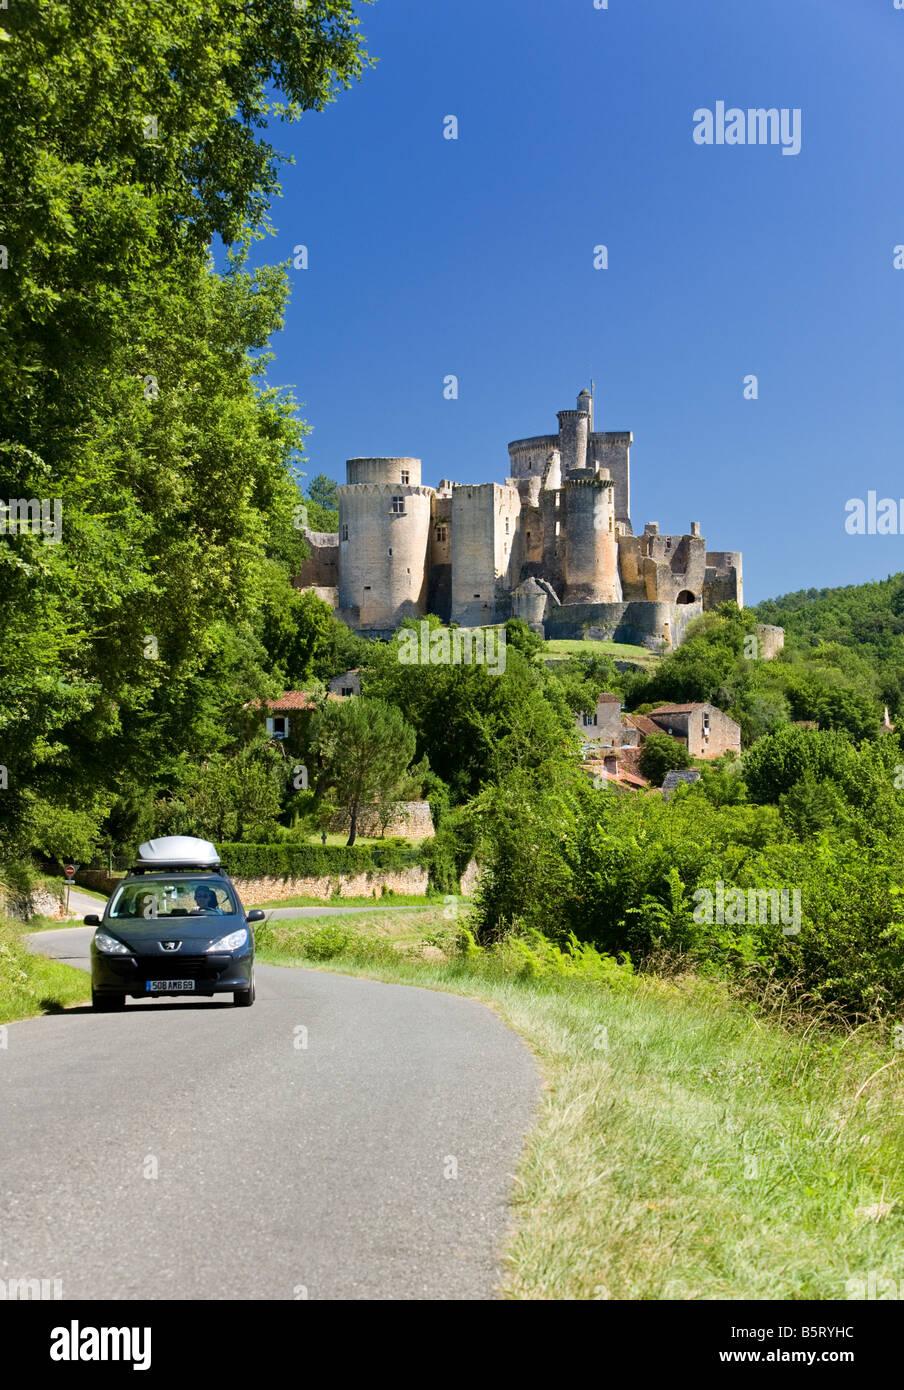 Francia, la conducción de vacaciones, viaje por carretera - al Château de Bonaguil en Lot et Garonne, Imagen De Stock